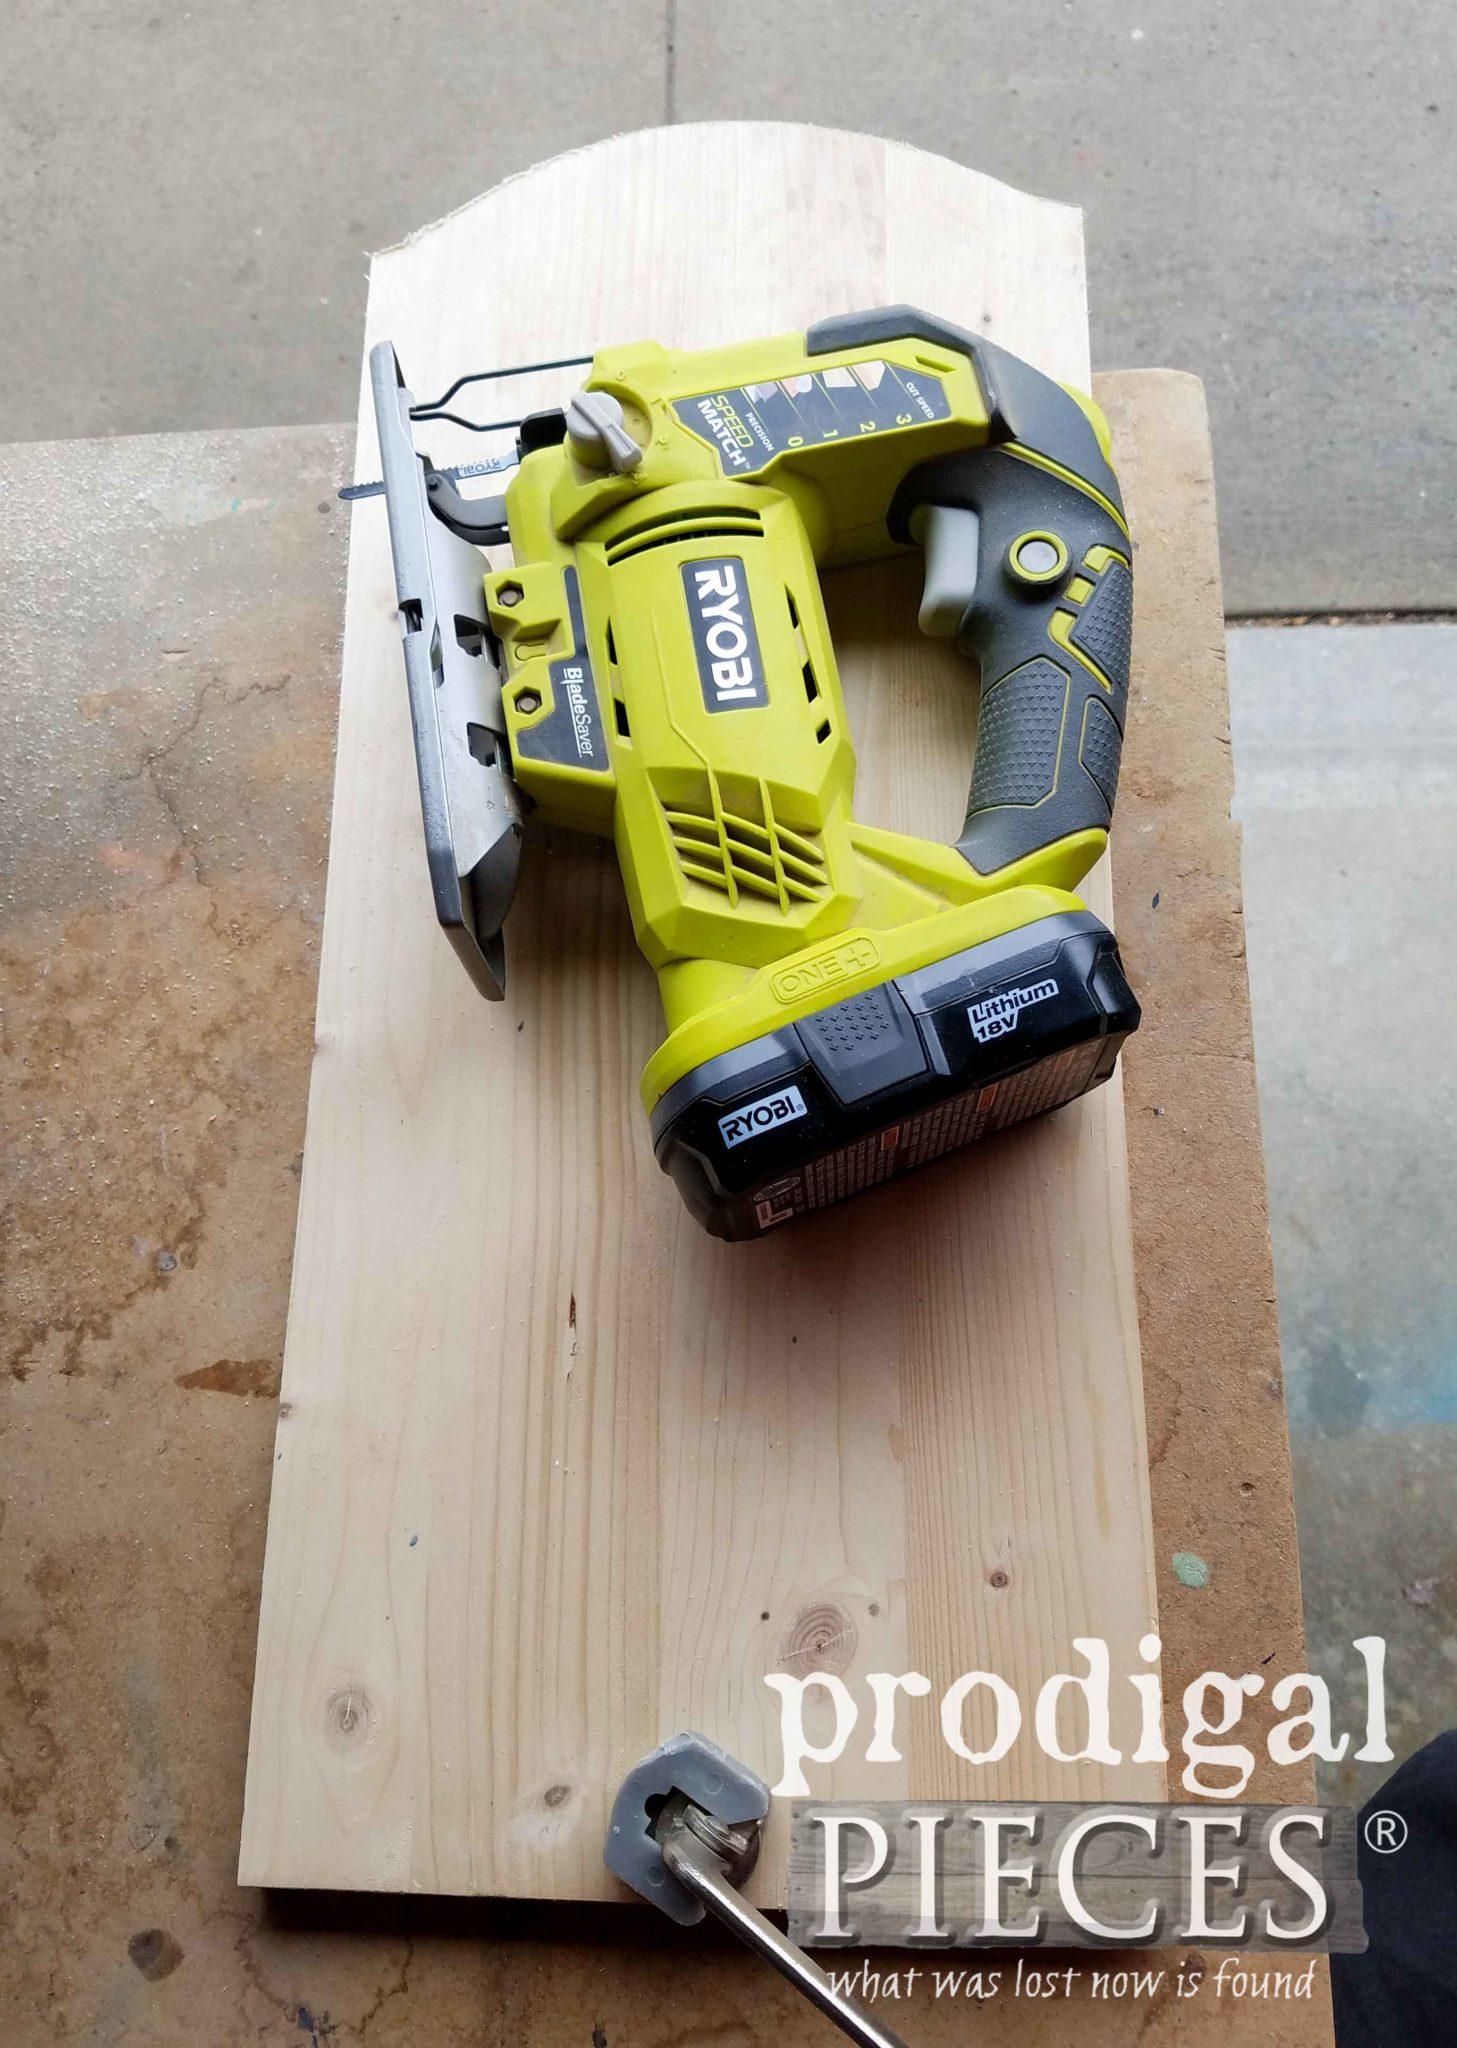 Using Ryobi Jigsaw to Cut Wood for Chalkboards | Prodigal Pieces | prodigalpieces.com